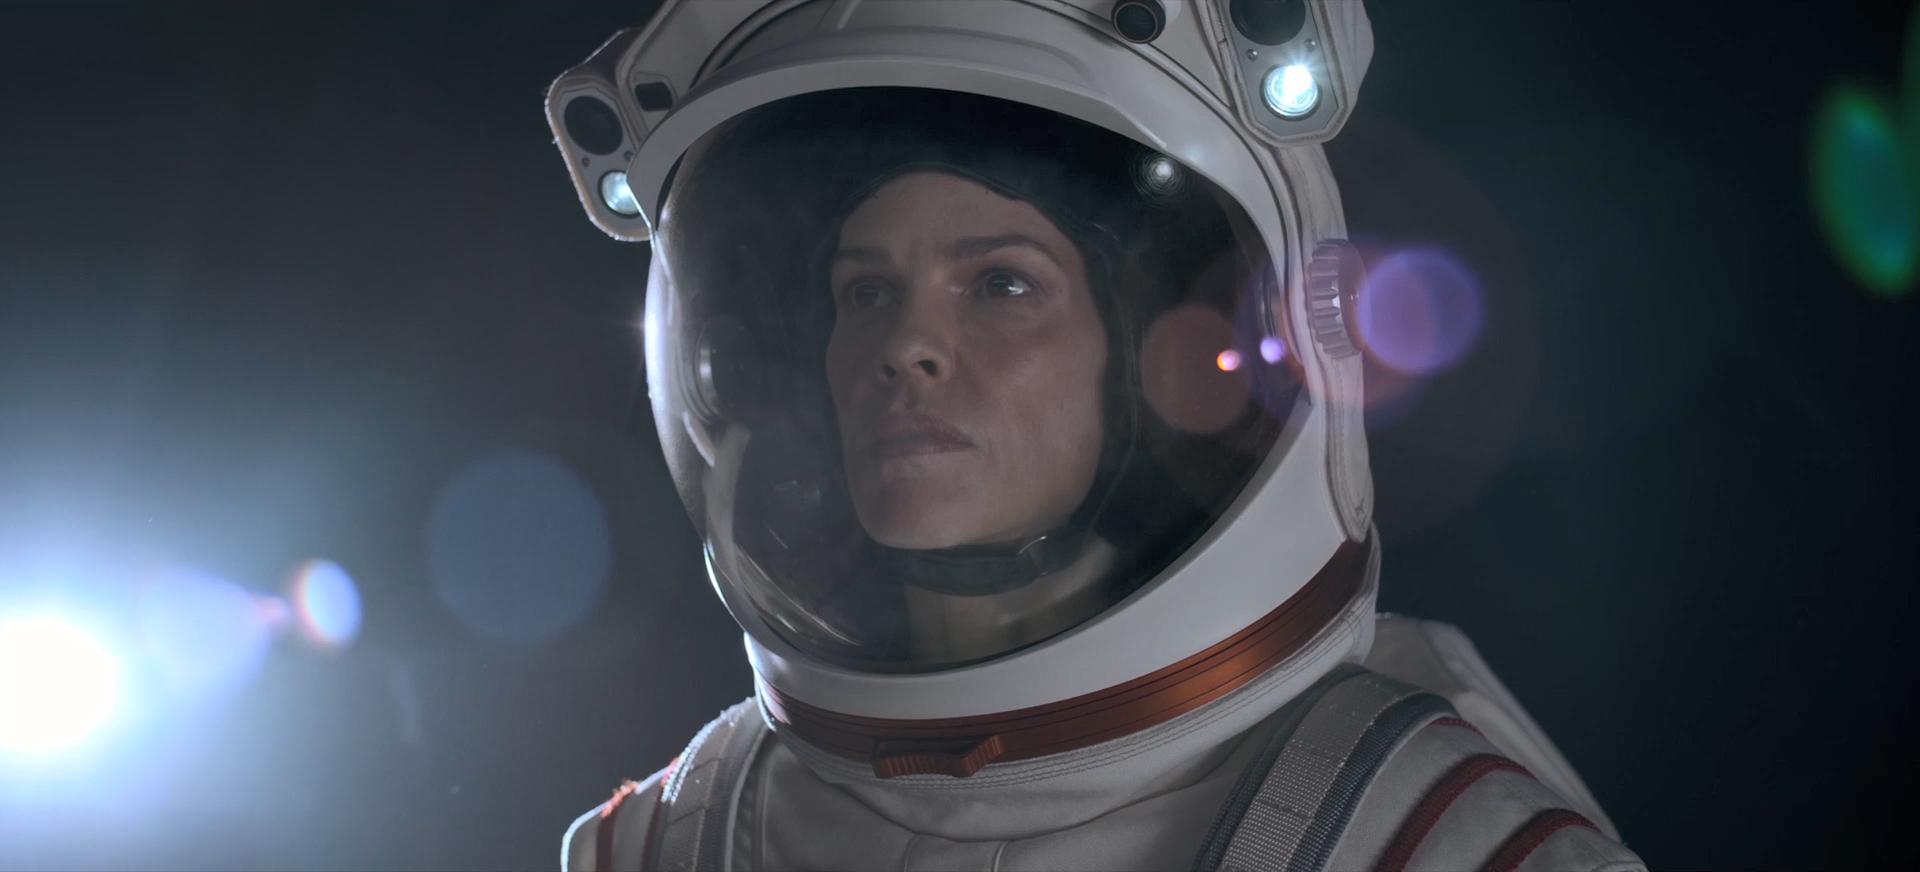 Изображение для Вдали / Away, Сезон 1, Серии 1-10 из 10 (2020) WEB-DLRip 1080p (кликните для просмотра полного изображения)